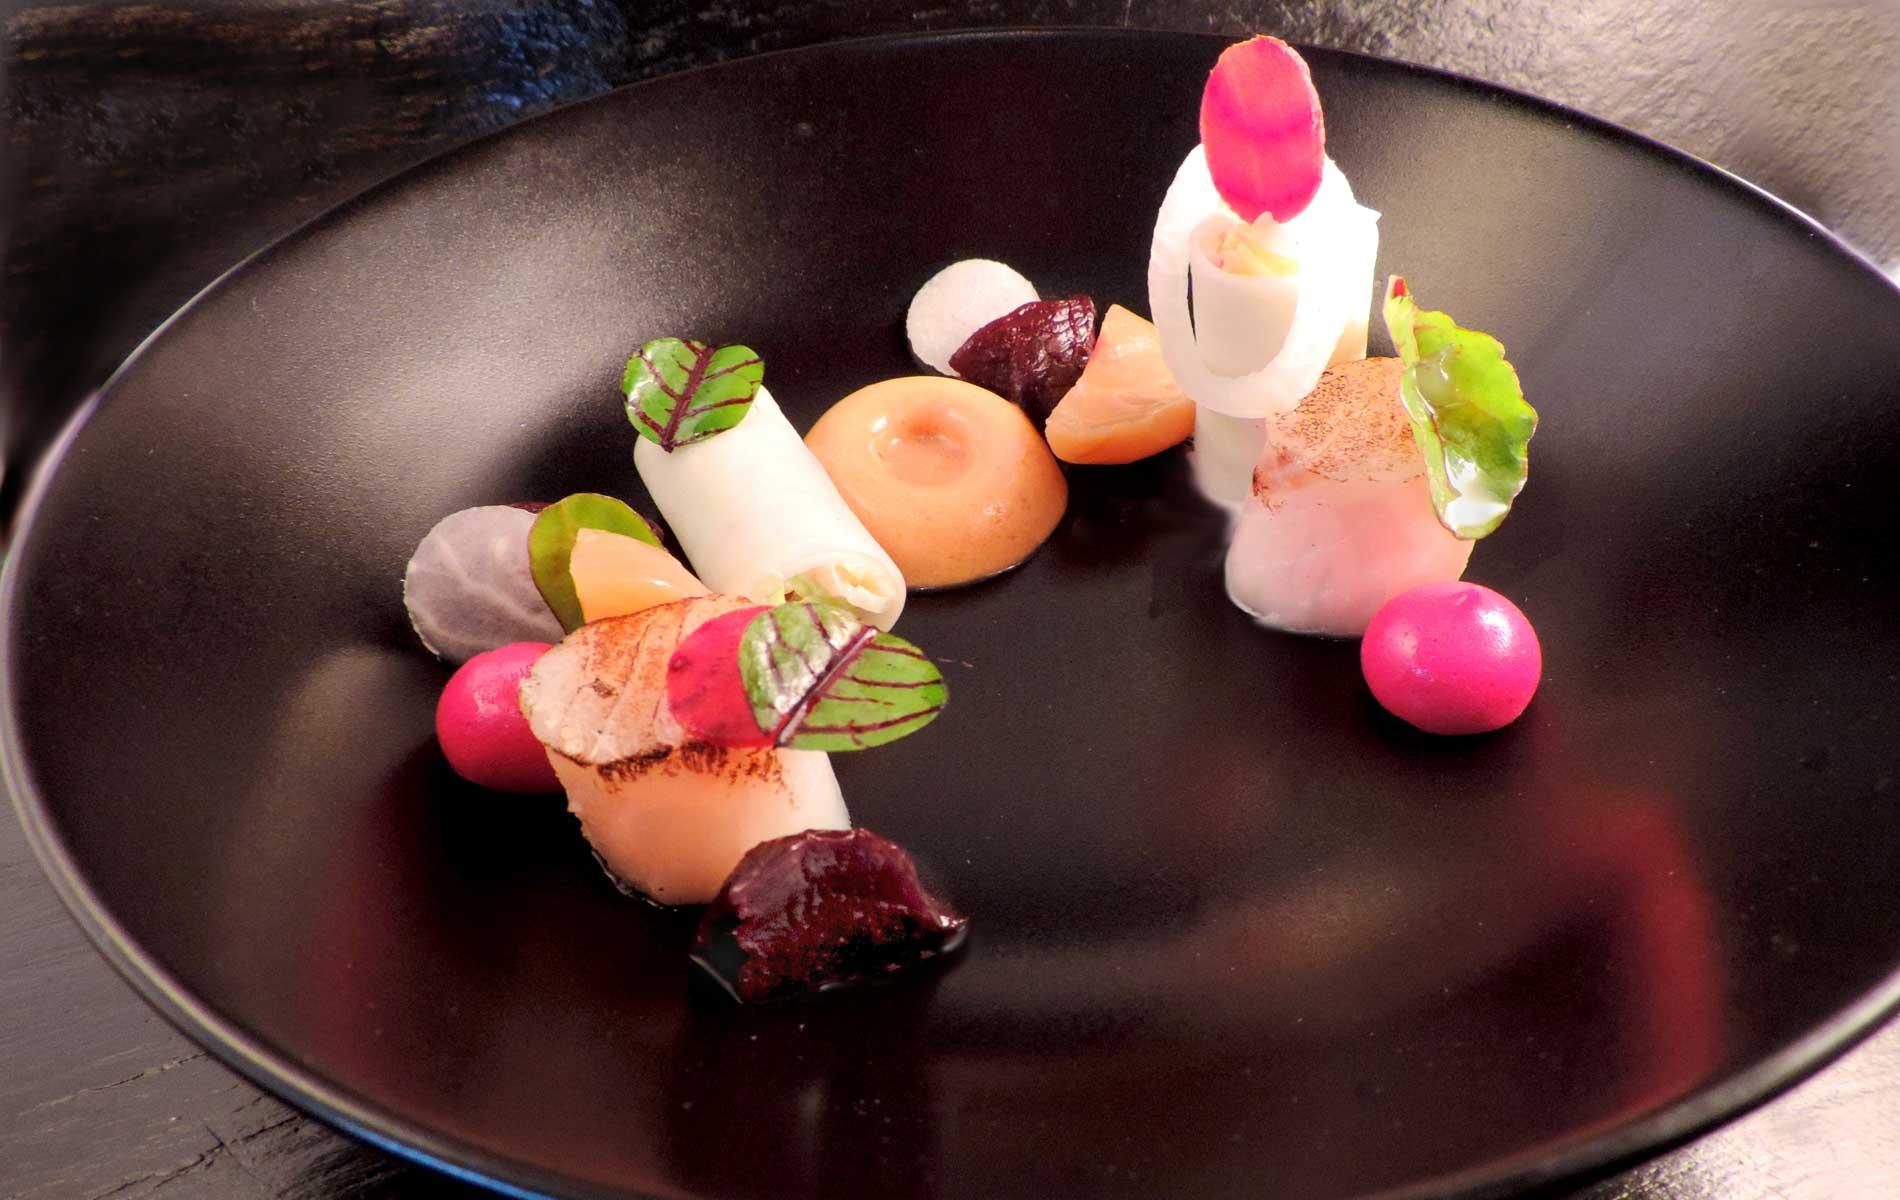 Wijnrestaurant-Merlot-Amersfoort-gerecht-roze